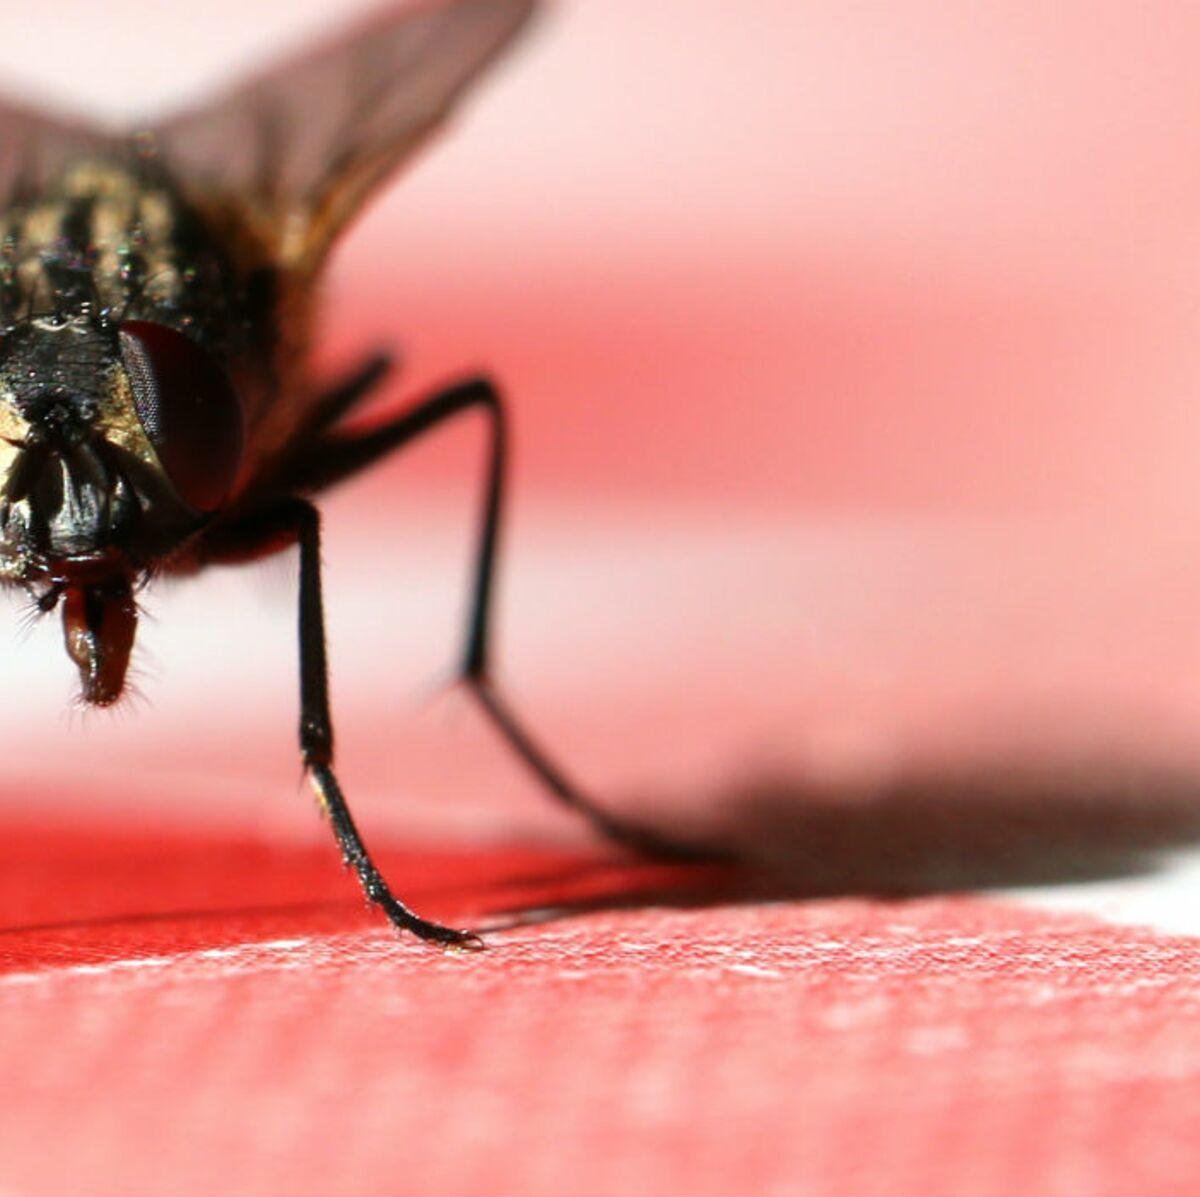 Astuces Naturelles Pour Se Débarrasser Des Fourmis 8 astuces naturelles pour se débarrasser des mouches dans la